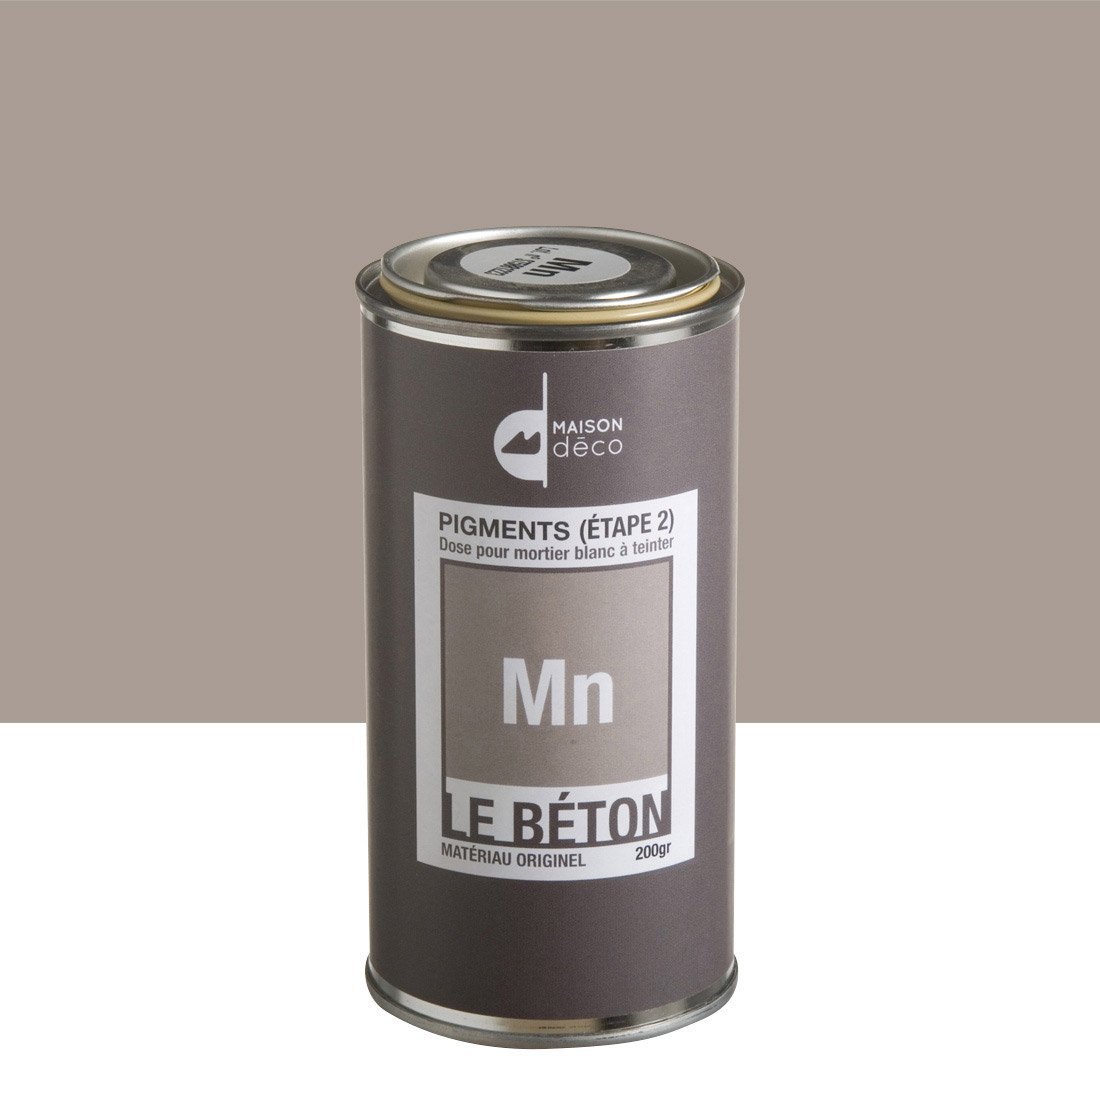 peinture effet pigment le b ton maison deco mn 0 2 kg leroy merlin. Black Bedroom Furniture Sets. Home Design Ideas